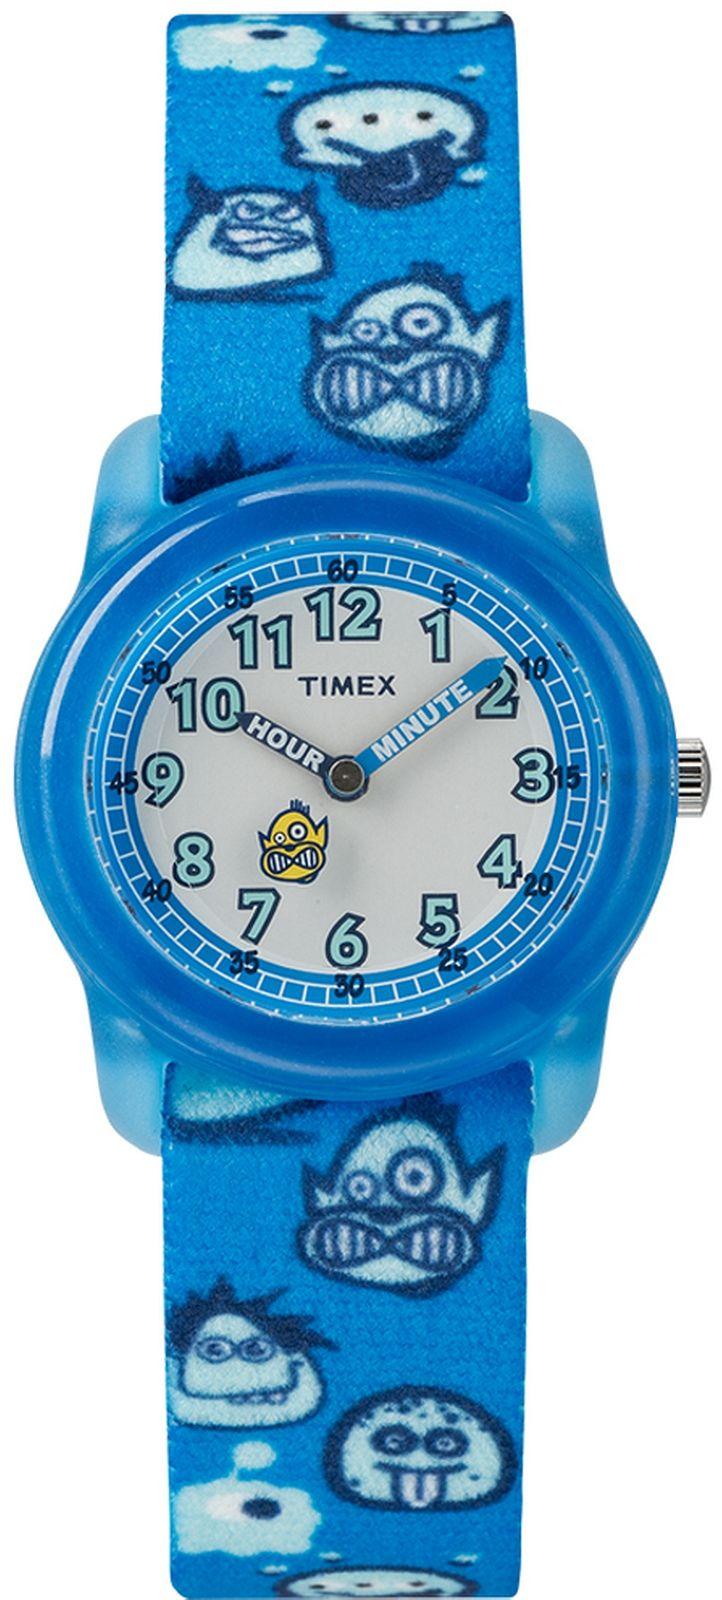 Timex TW7C25700 > Wysyłka tego samego dnia Grawer 0zł Darmowa dostawa Kurierem/Inpost Darmowy zwrot przez 100 DNI